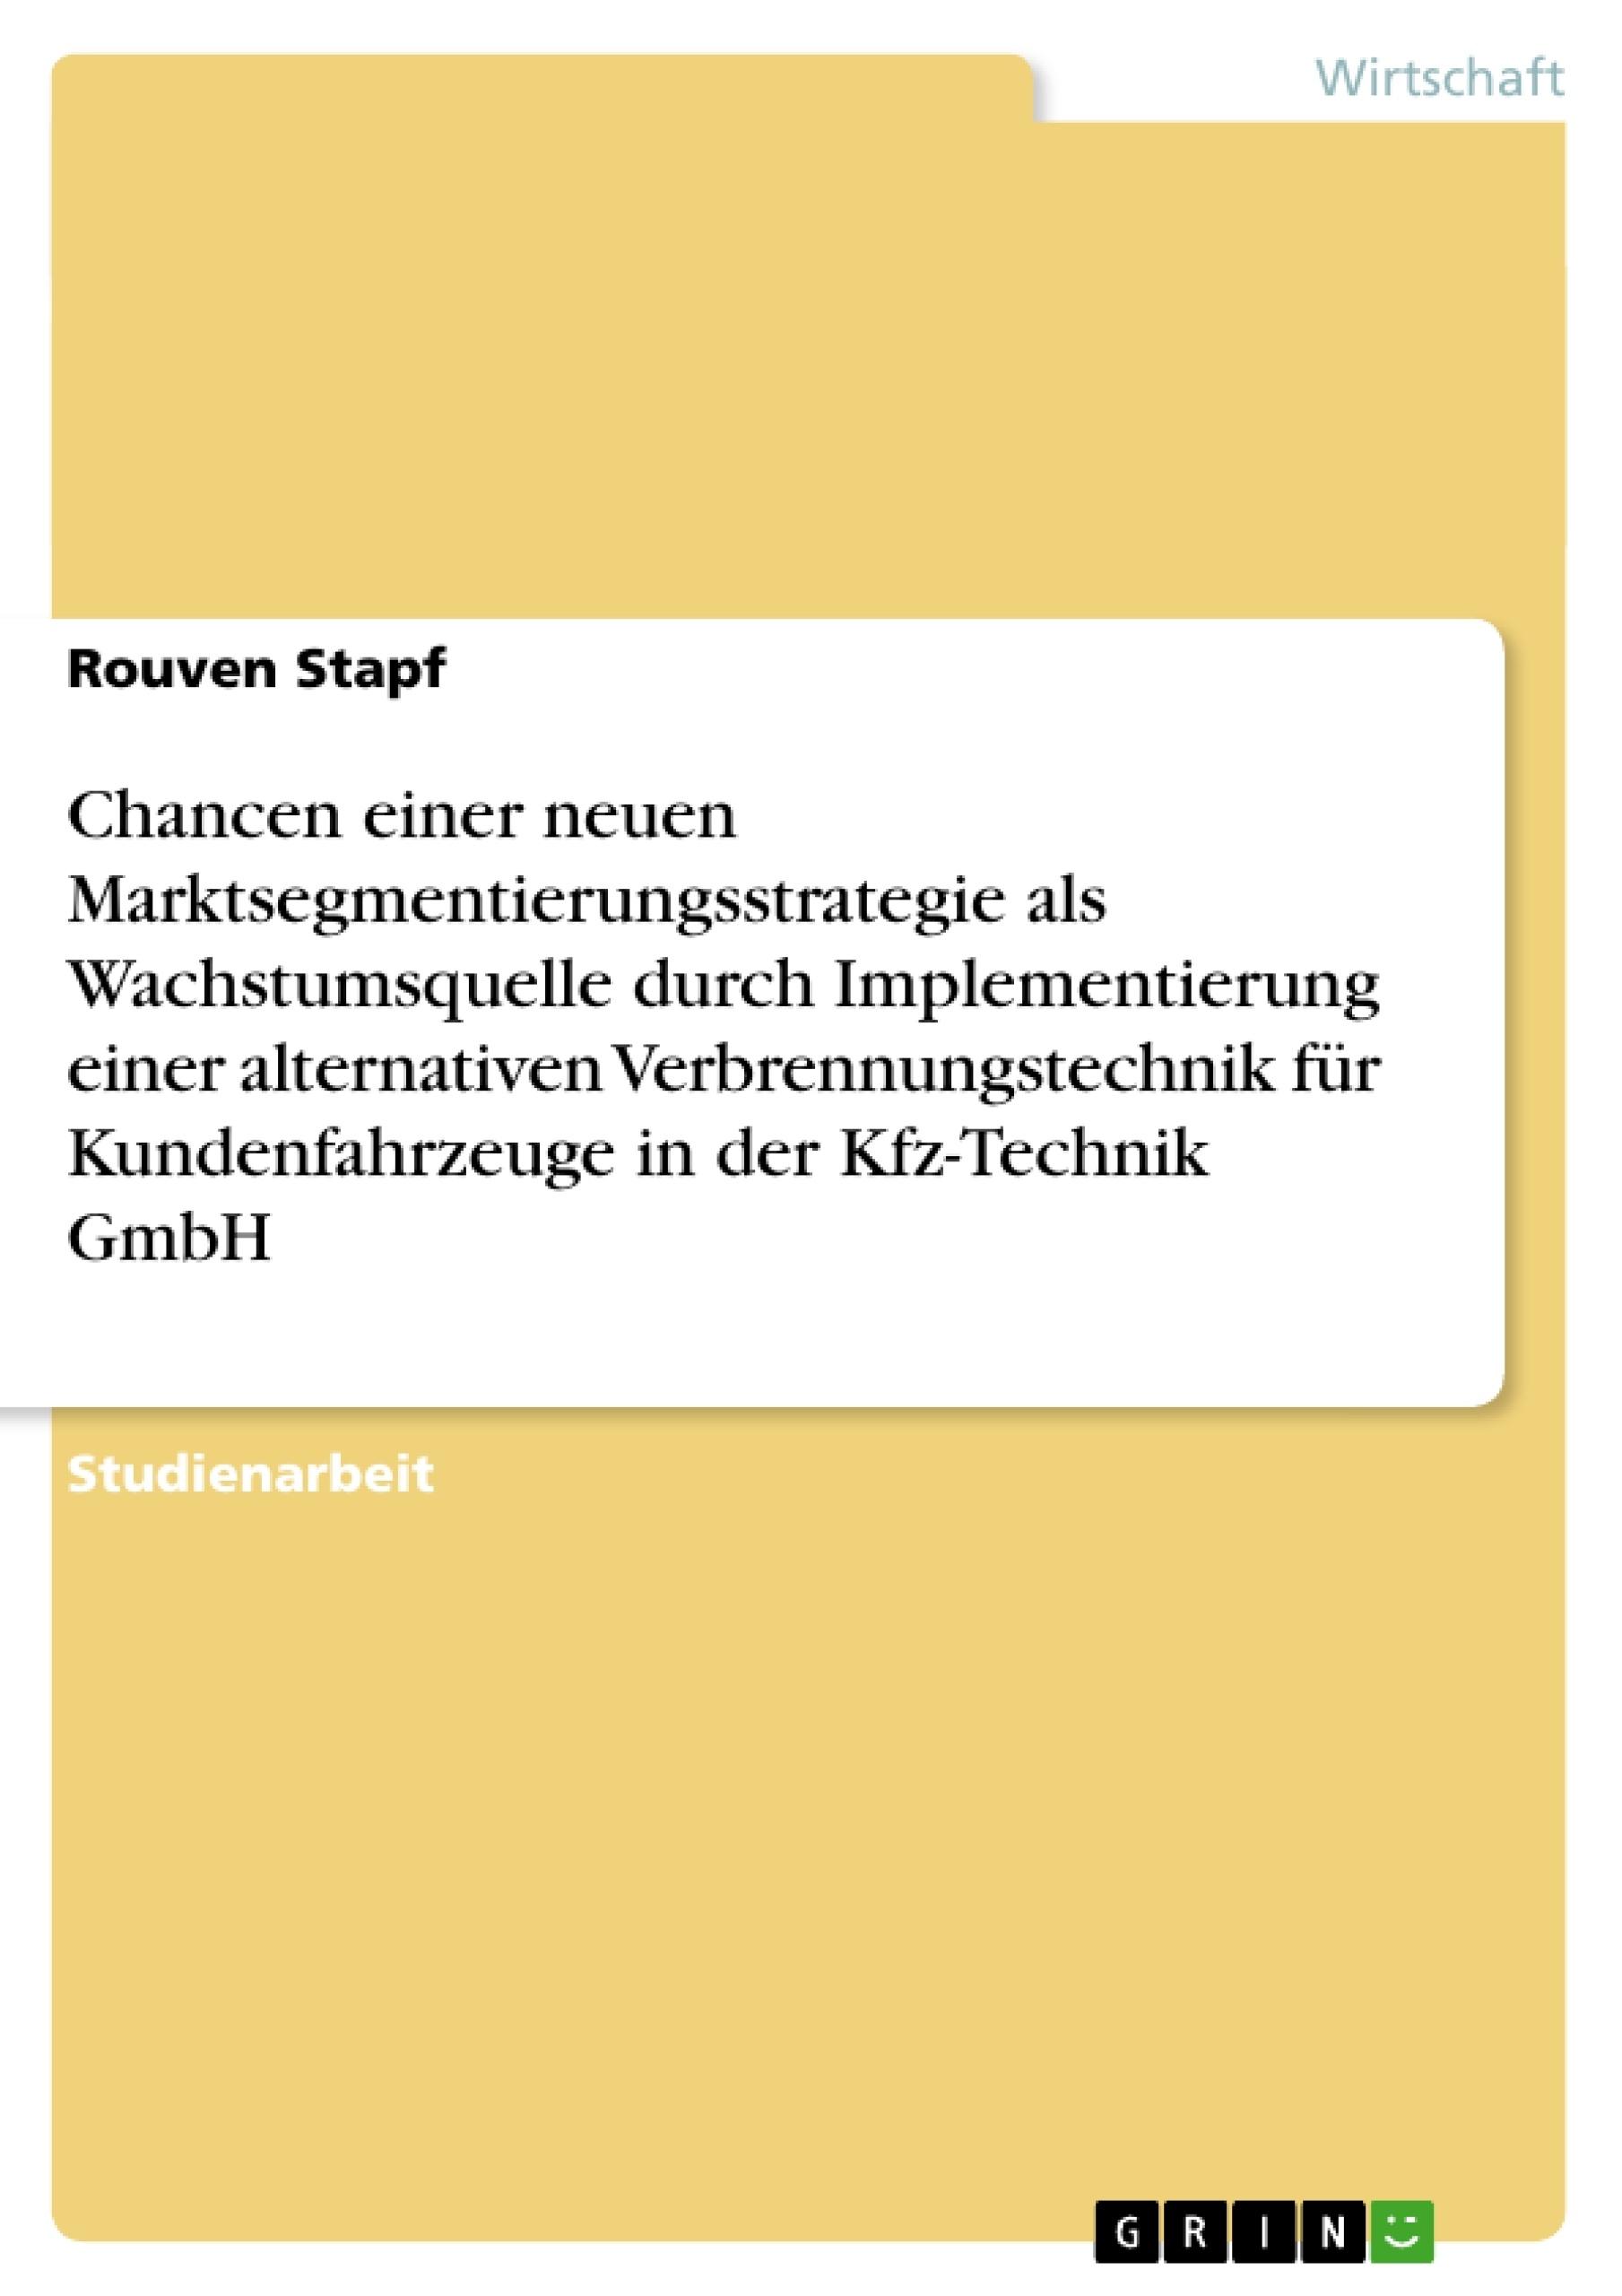 Titel: Chancen einer neuen Marktsegmentierungsstrategie als Wachstumsquelle durch Implementierung einer alternativen Verbrennungstechnik für Kundenfahrzeuge in der Kfz-Technik GmbH